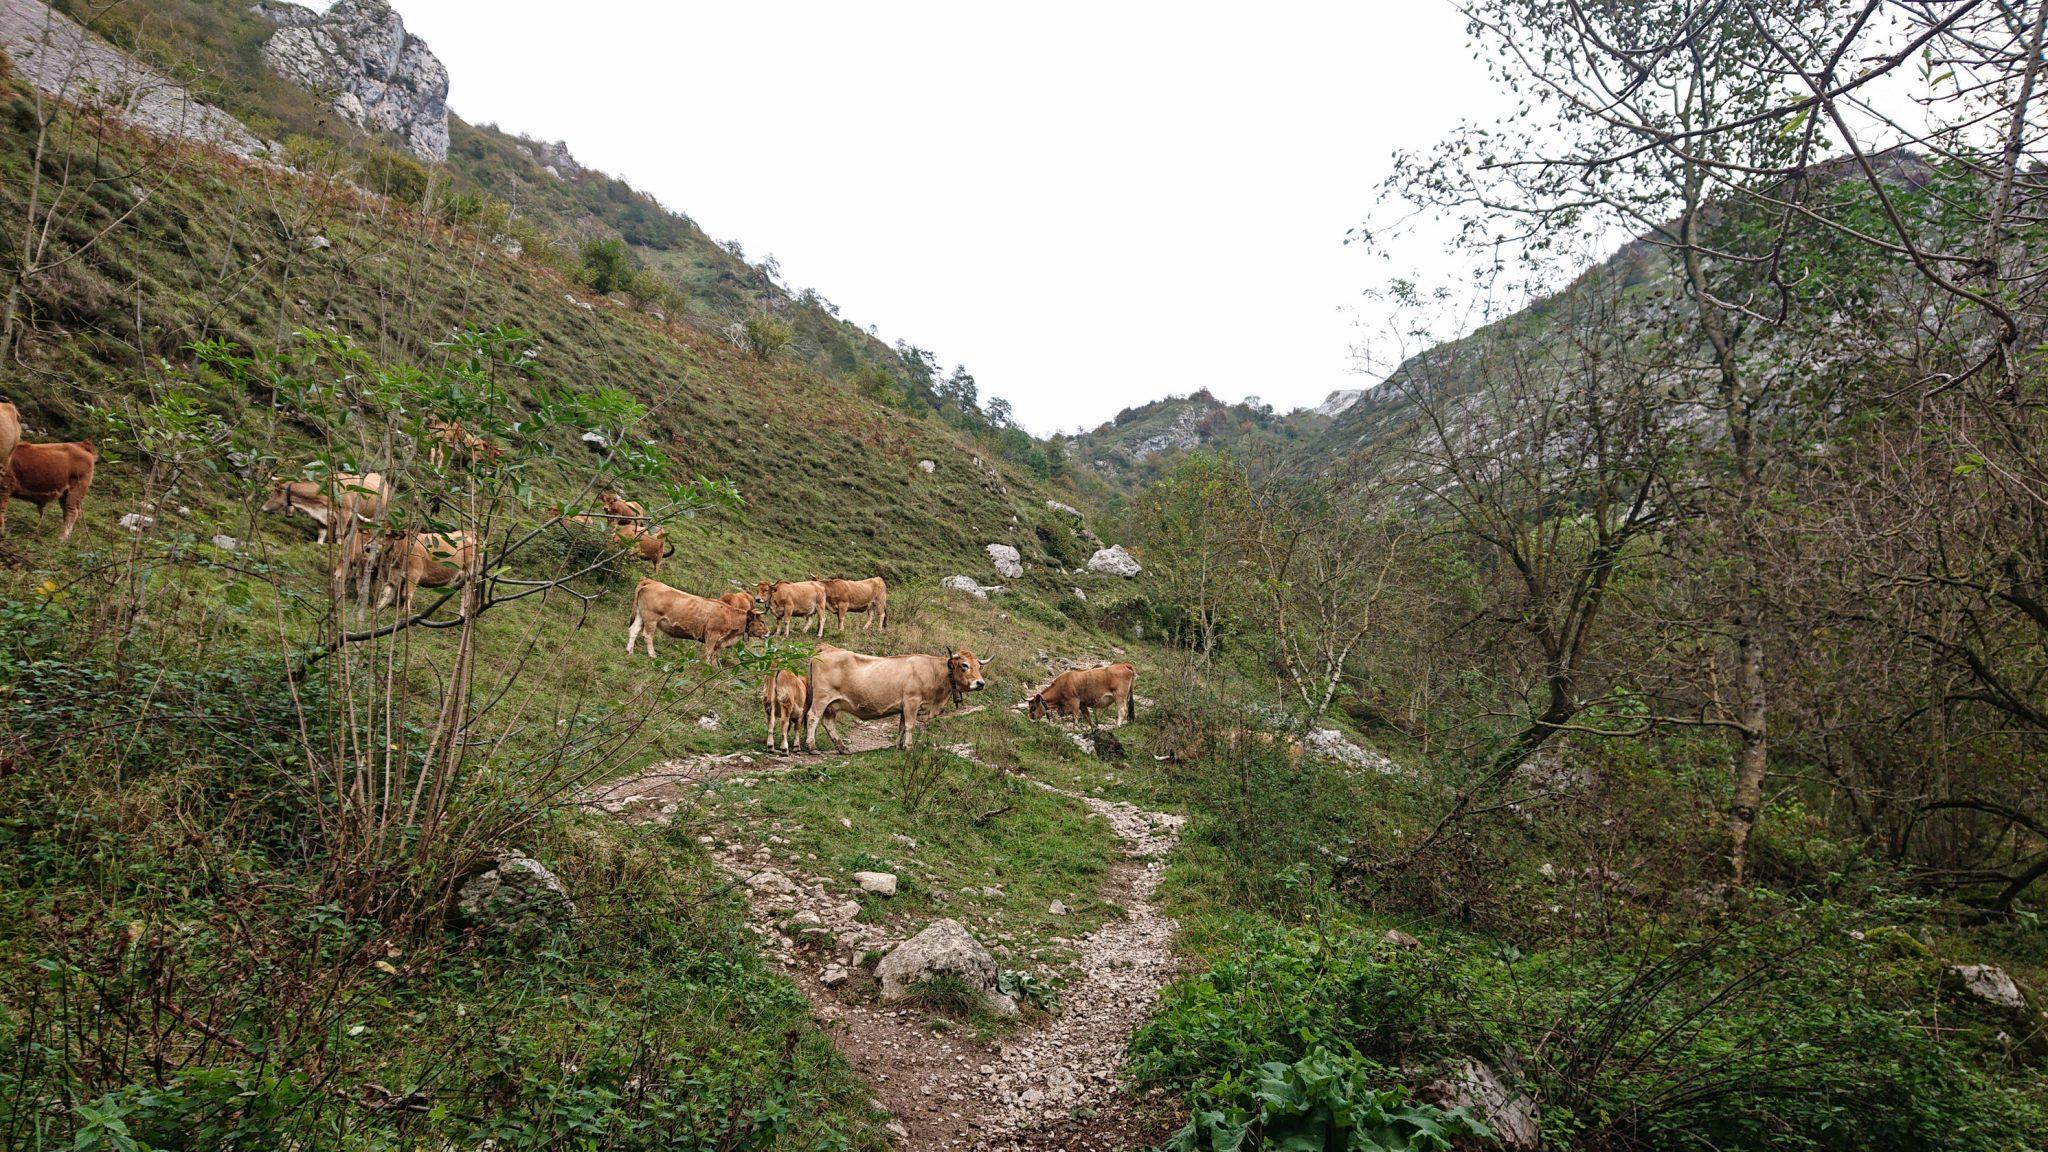 Wanderung Poncebos nach Bulnes in den Picos de Europa, schmaler Wanderpfad zwischen hohen Felswänden, saftig grüne Wiese, Steine und Geröll, tolles Wanderwetter, Kühe stehen auf dem Wanderweg